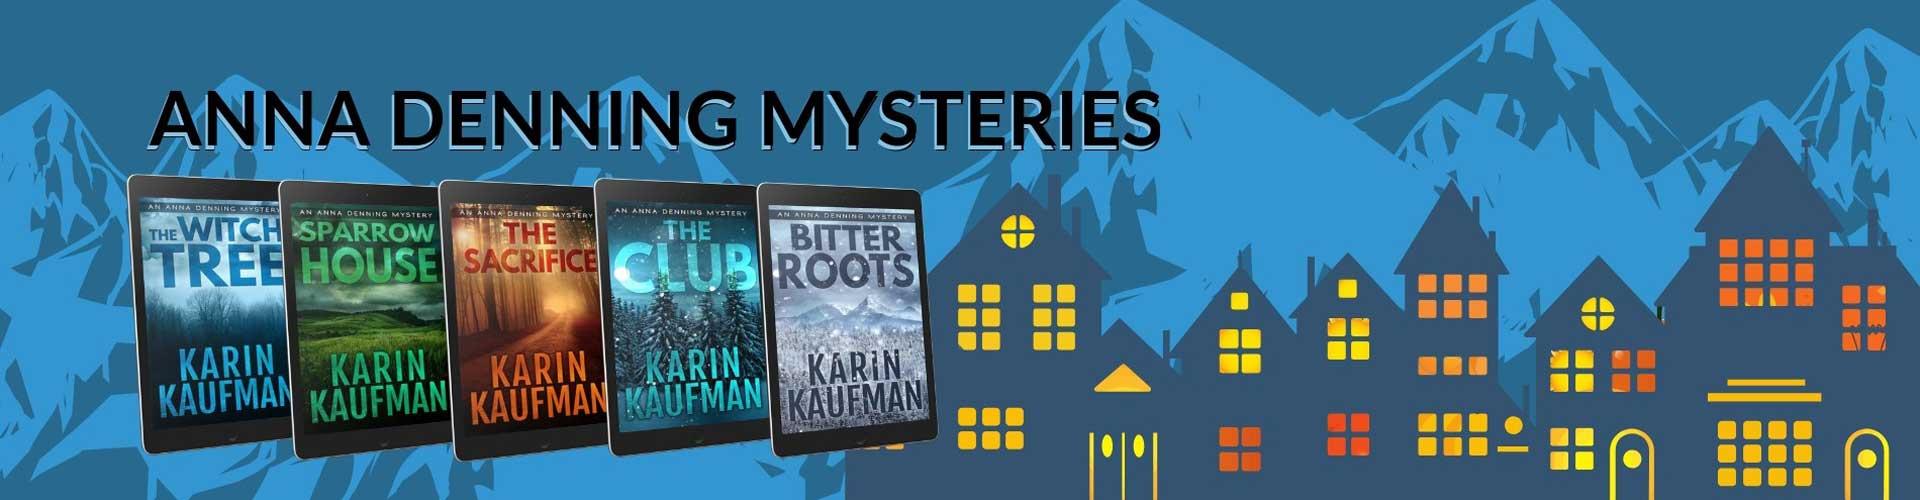 Anna Denning Mysteries